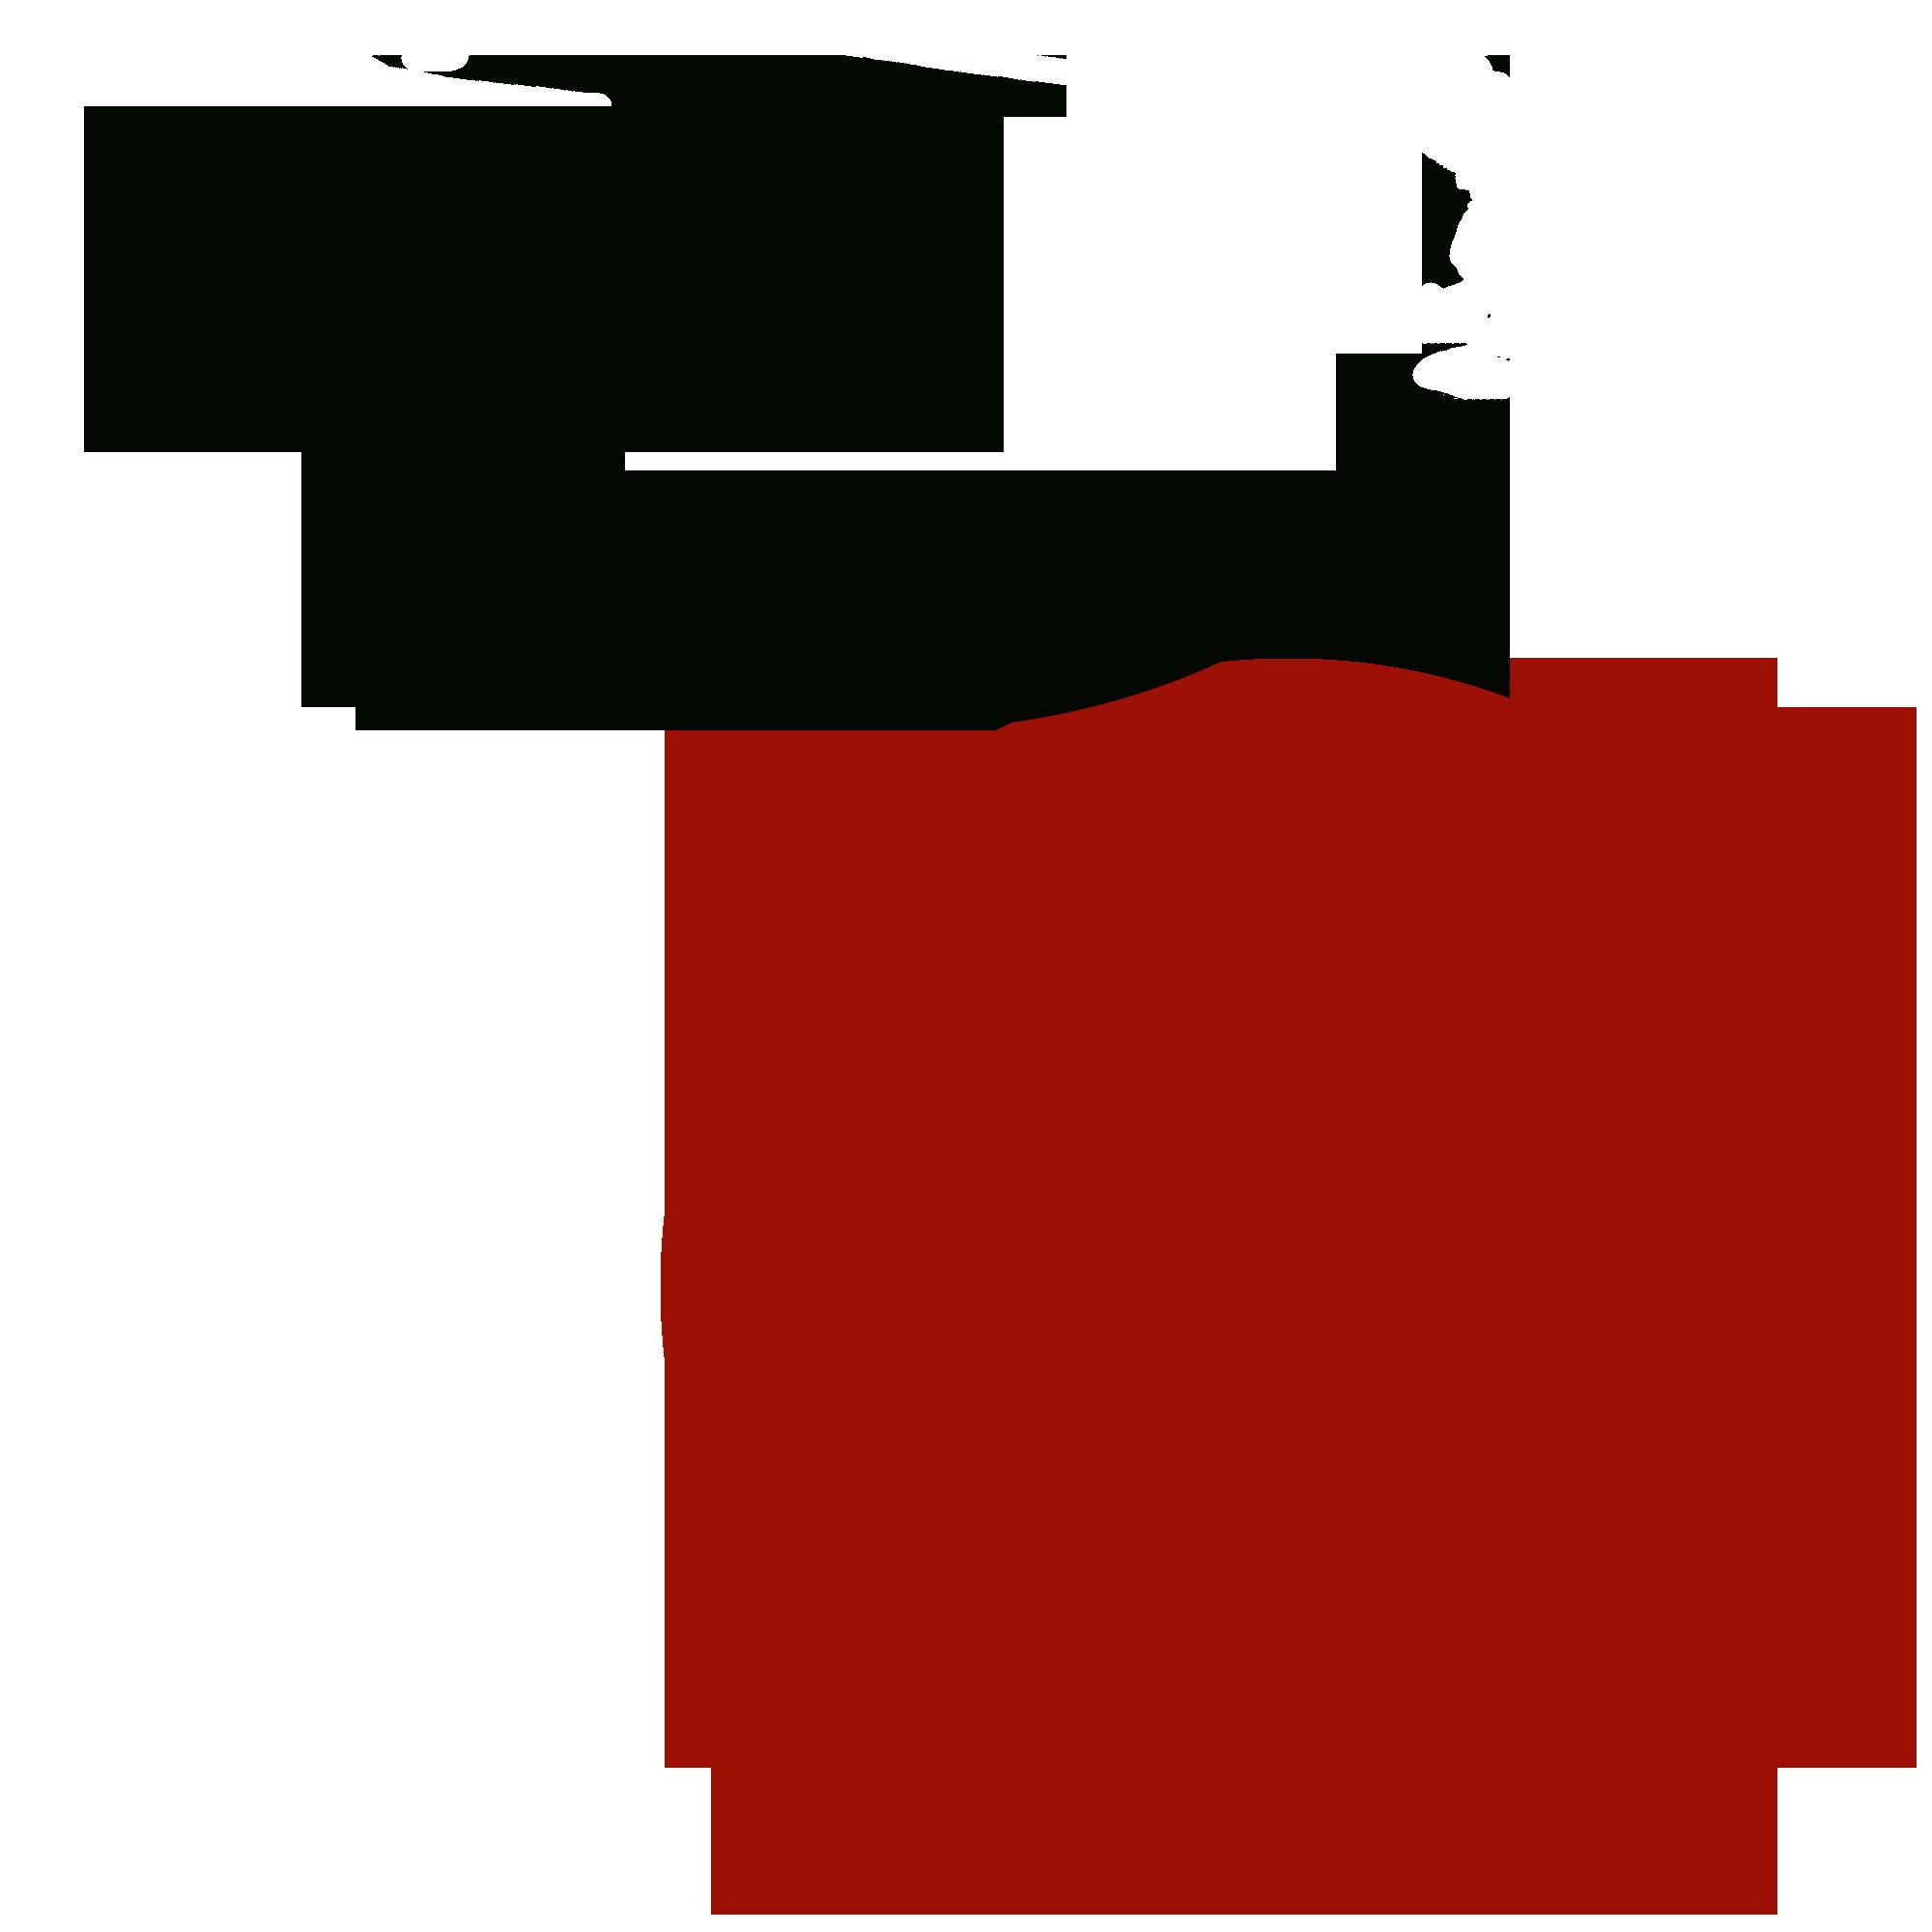 150215_RPT_LOGO_v2